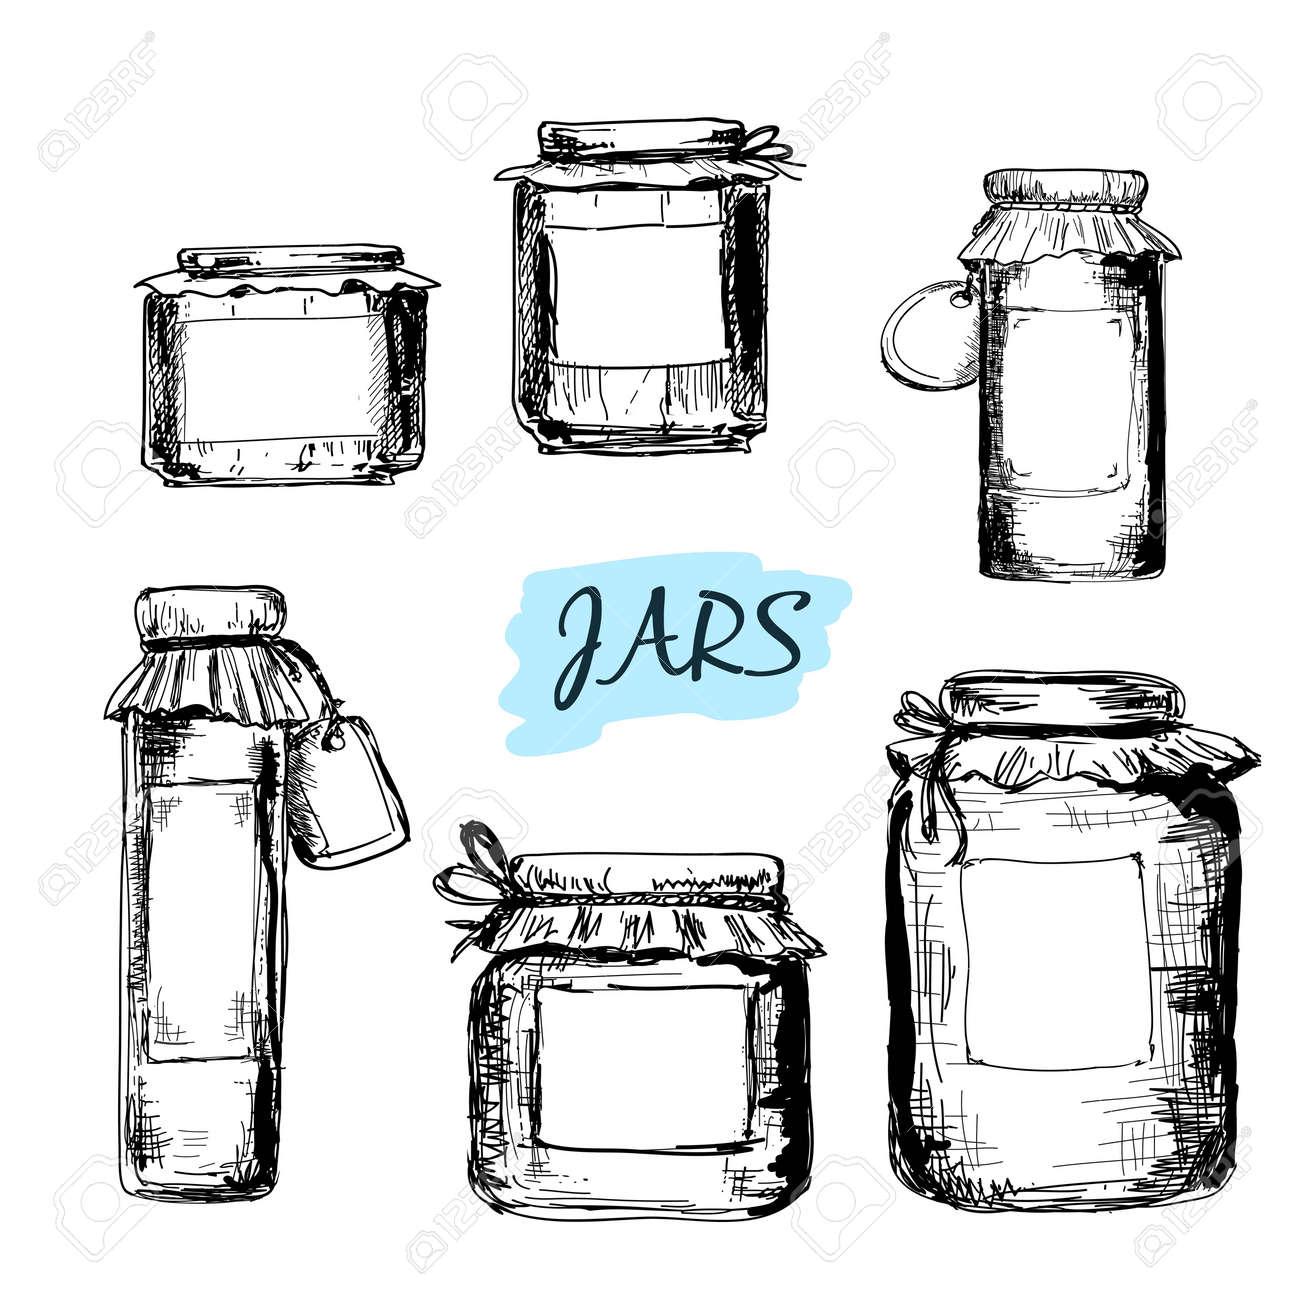 Jars Drawing Drawn Illustrations Jar